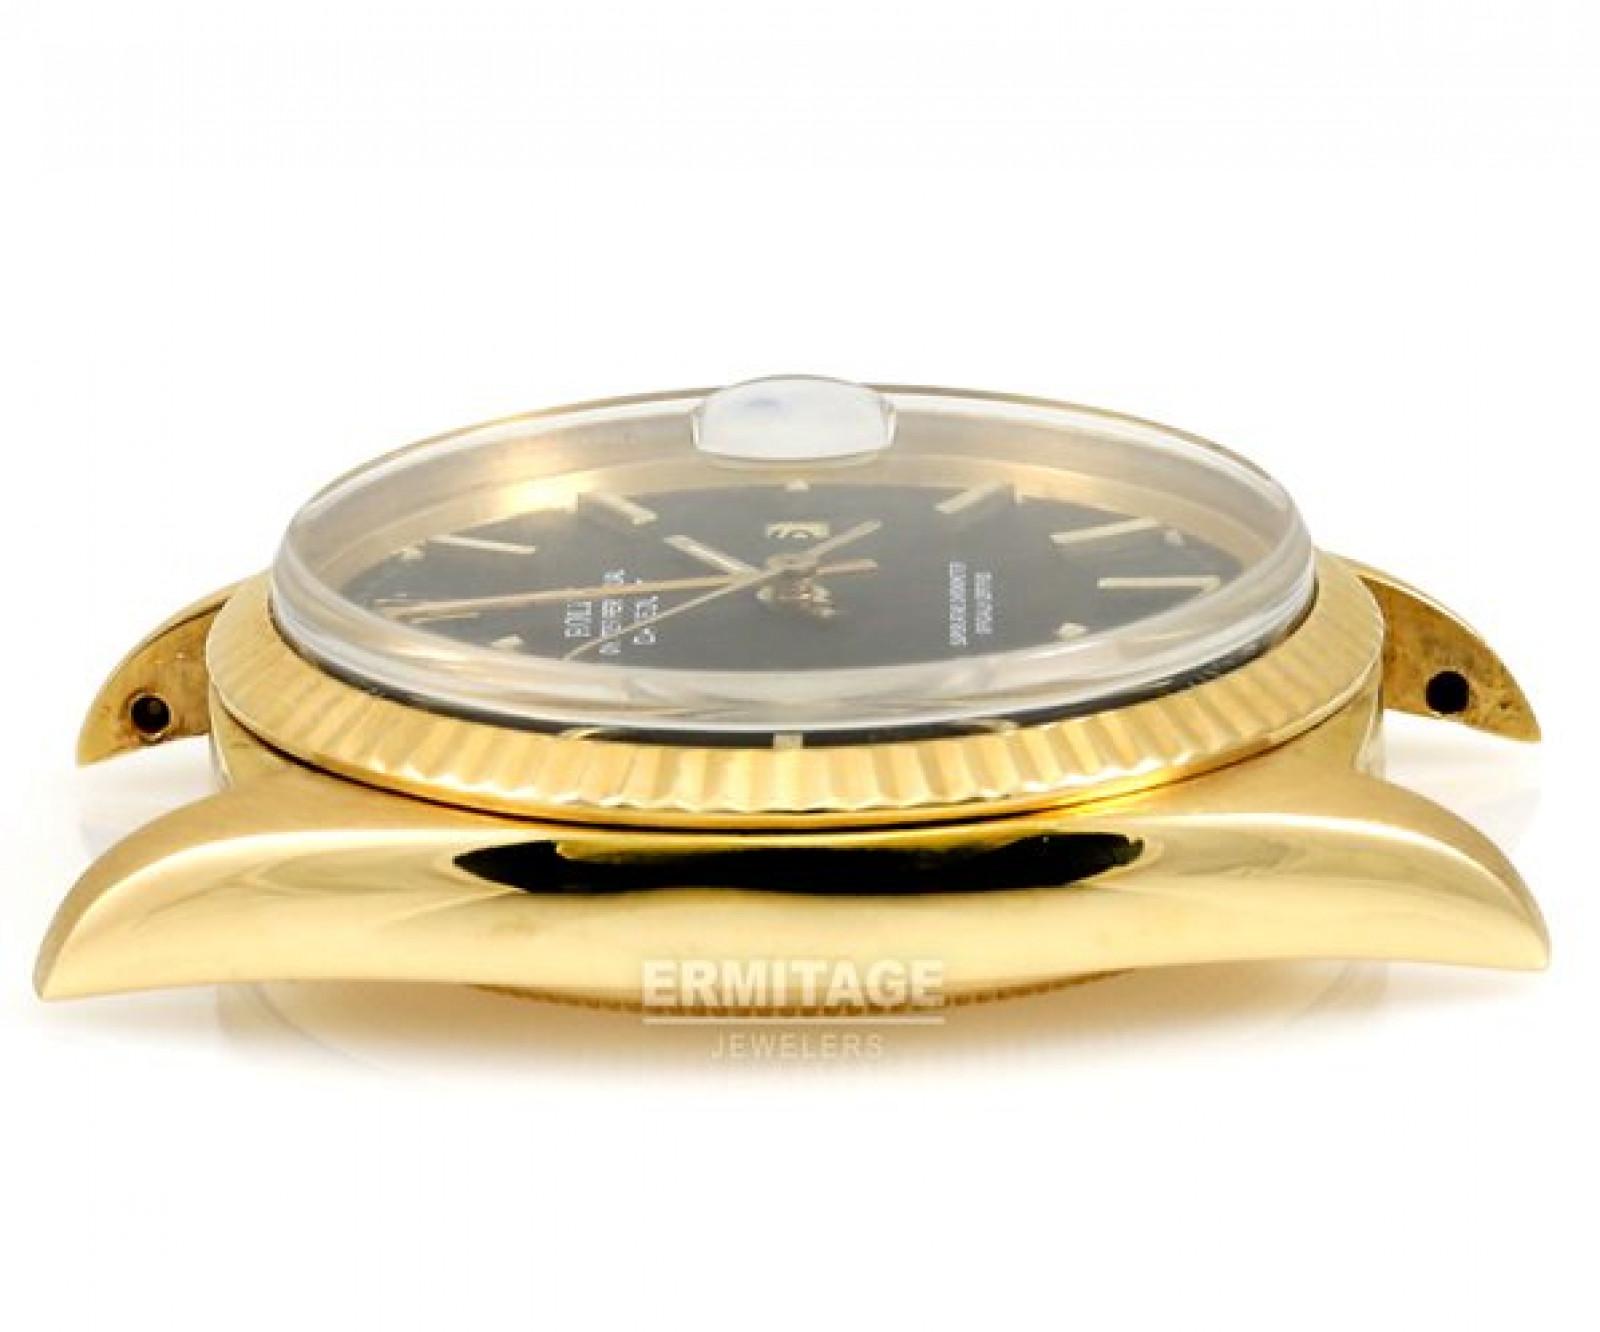 Vintage Rare Rolex Datejust 1601 Gold Year 1973